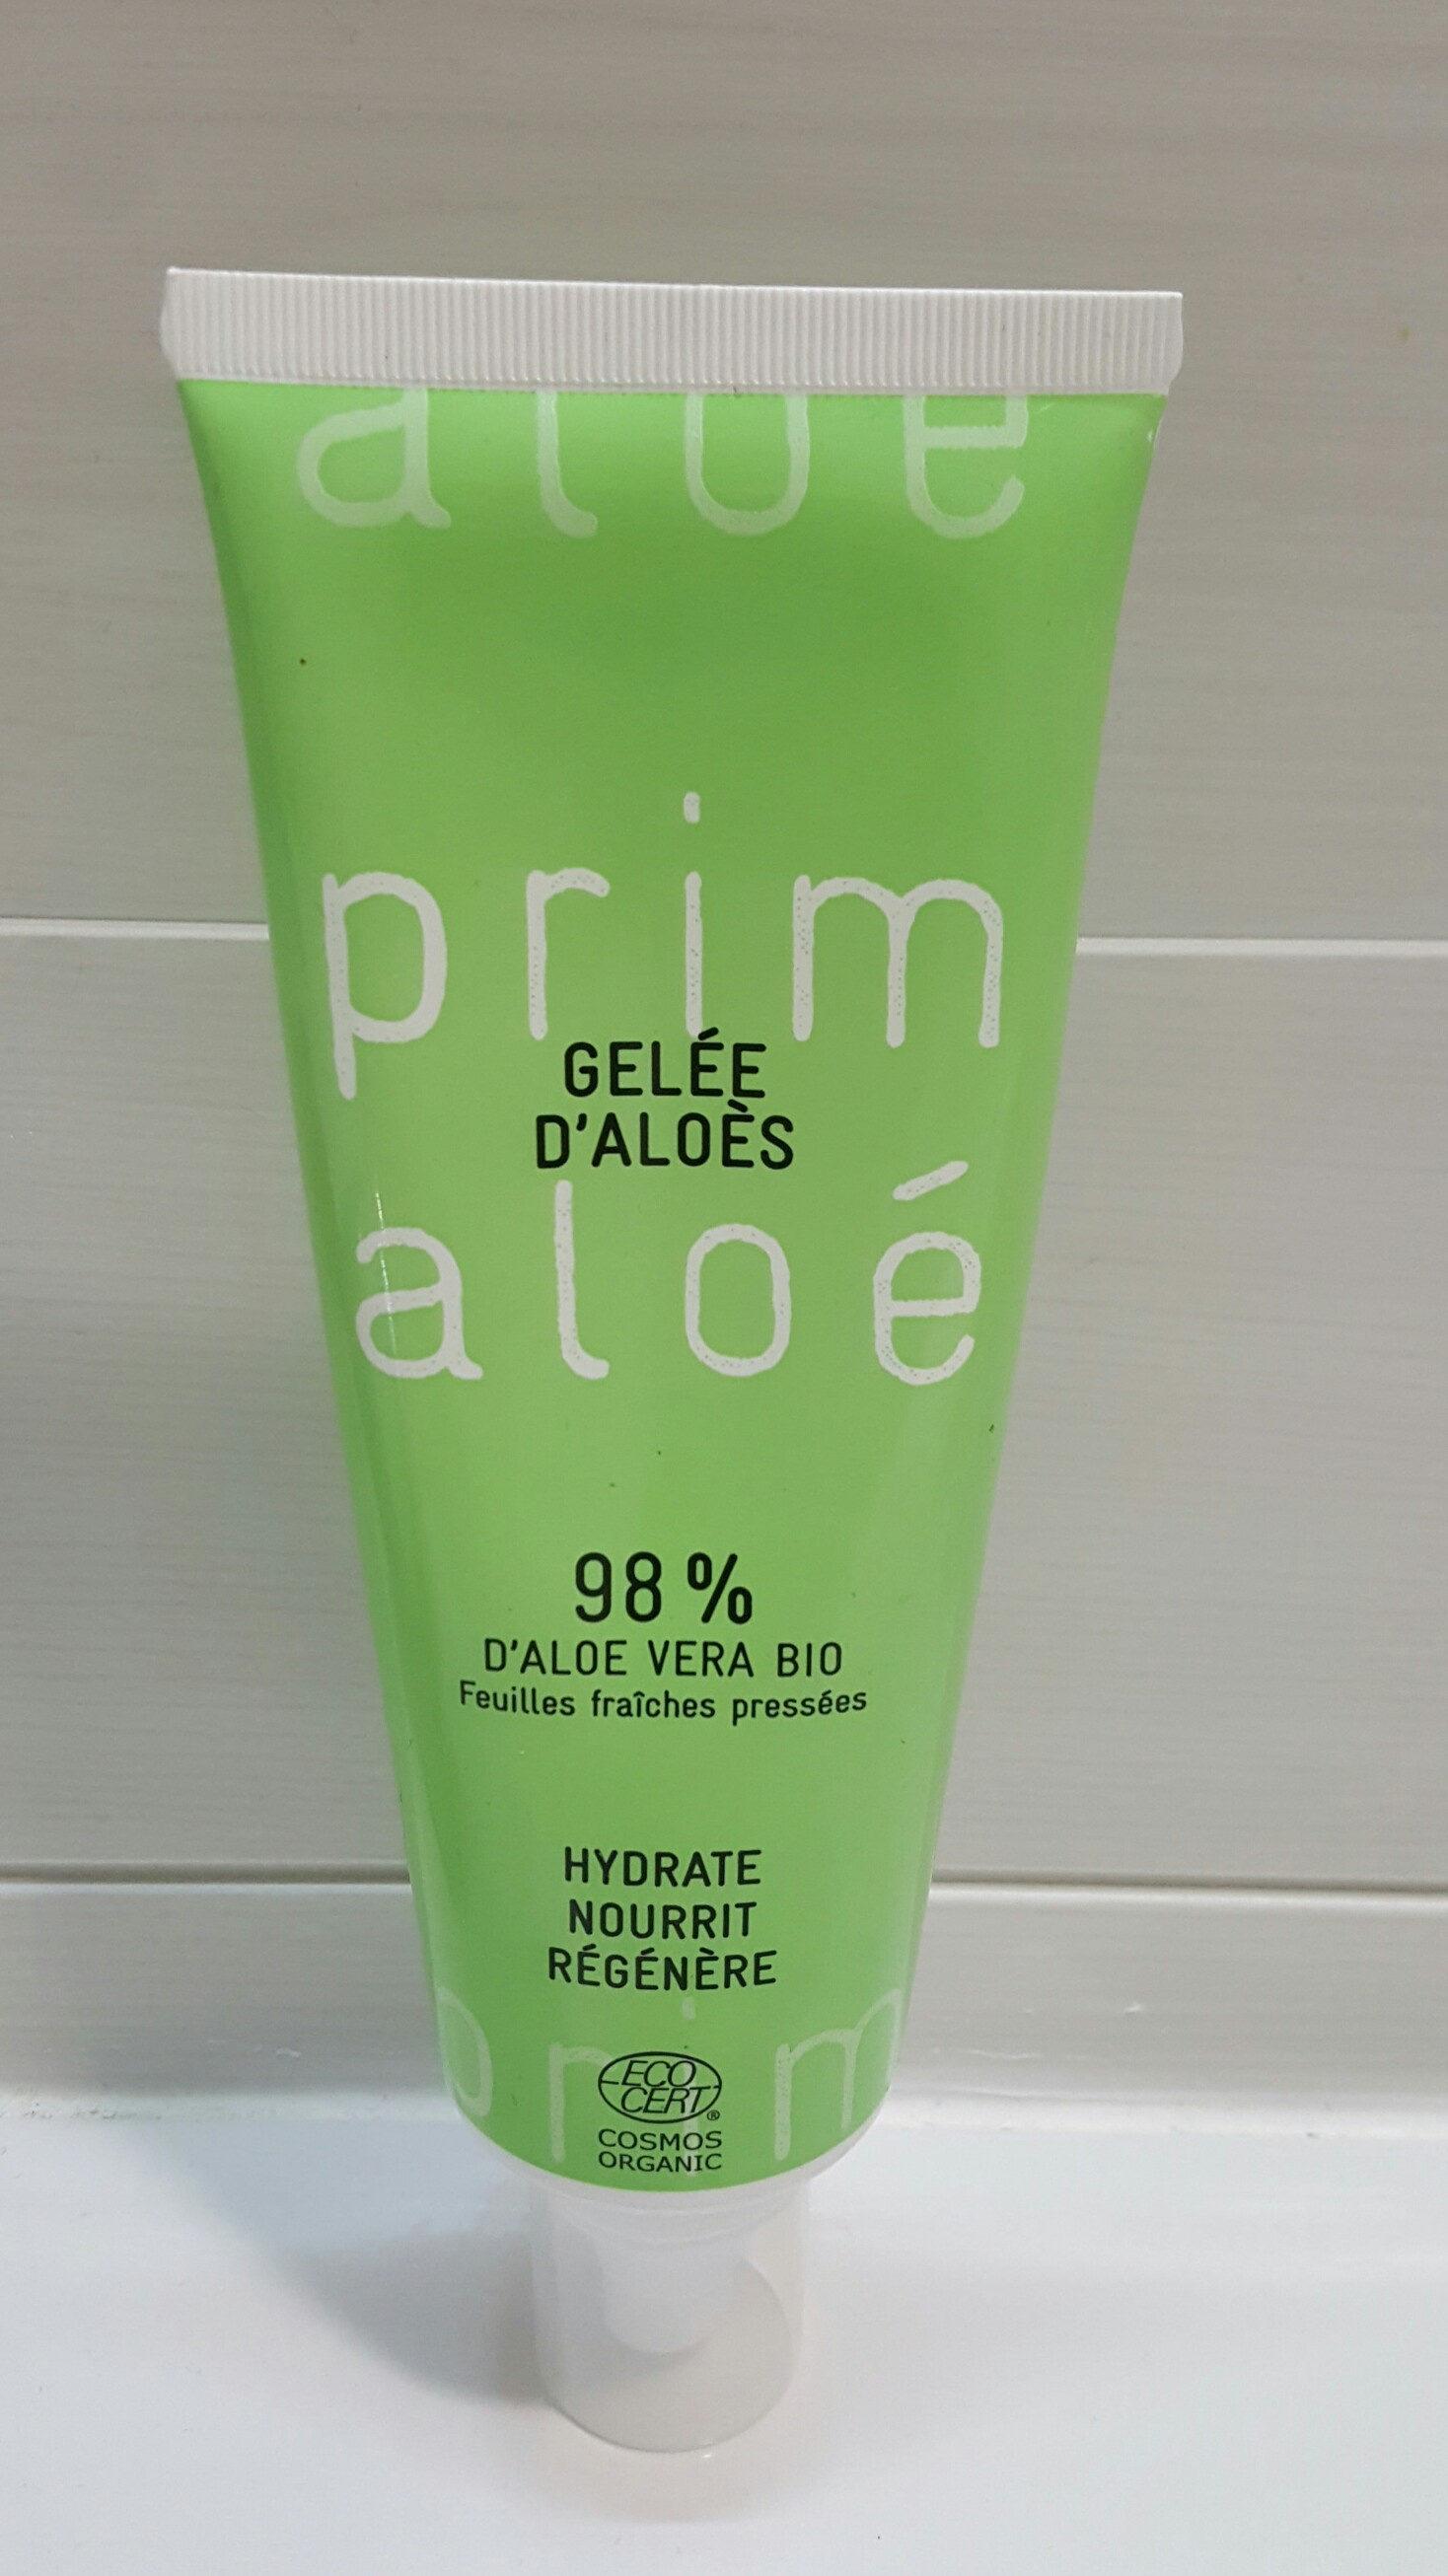 Gelée D'aloès Aloé Vera - Produit